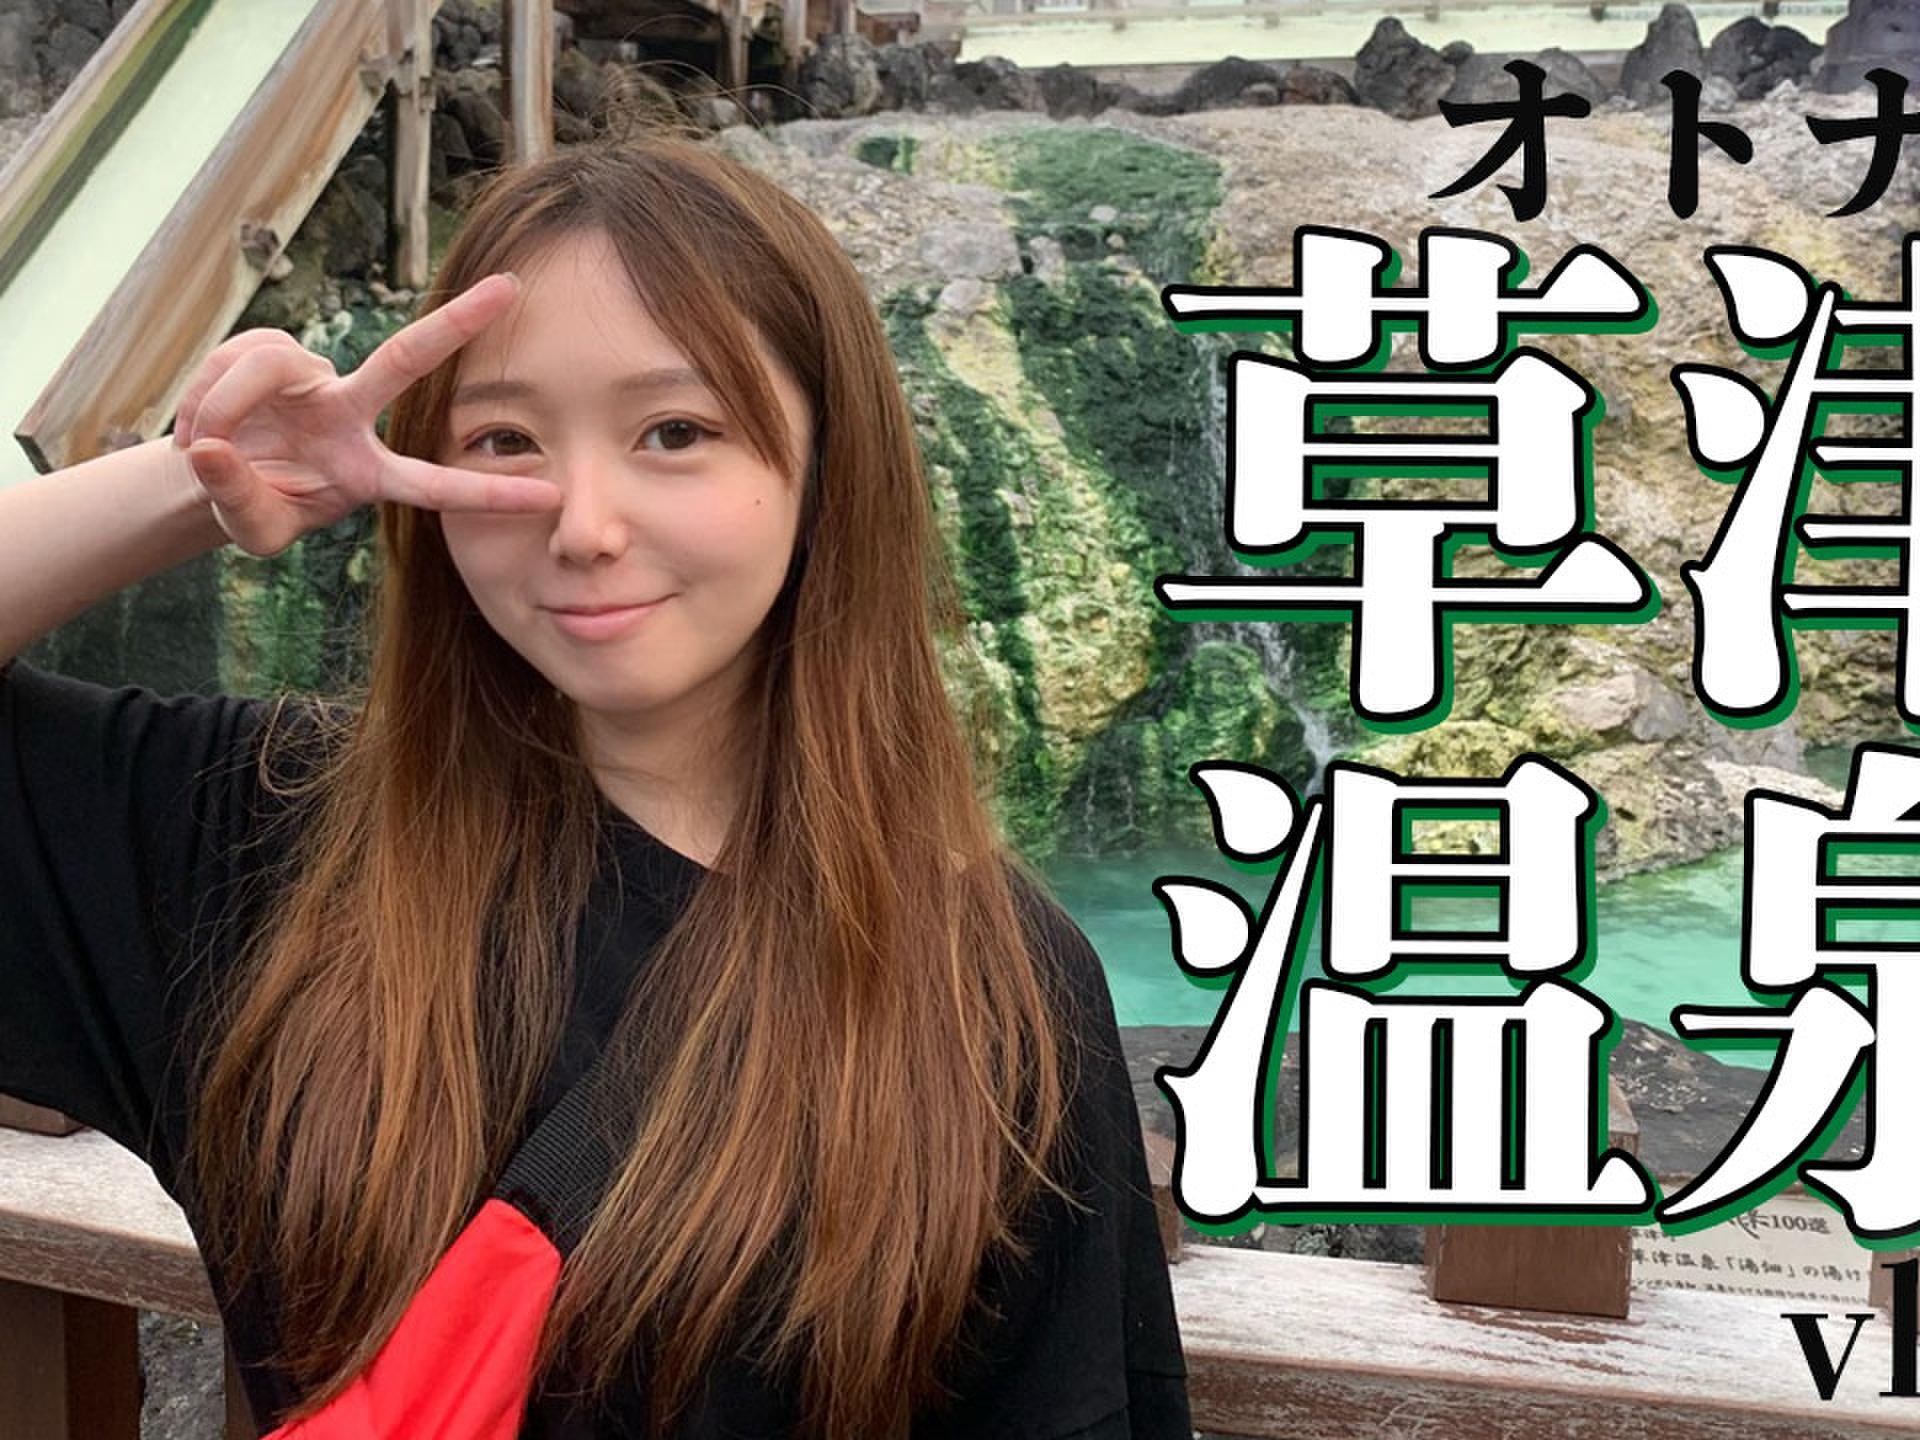 東京につかれた社会人よ!「草津温泉」で自由気ままに遊び、贅沢をするのだ……!